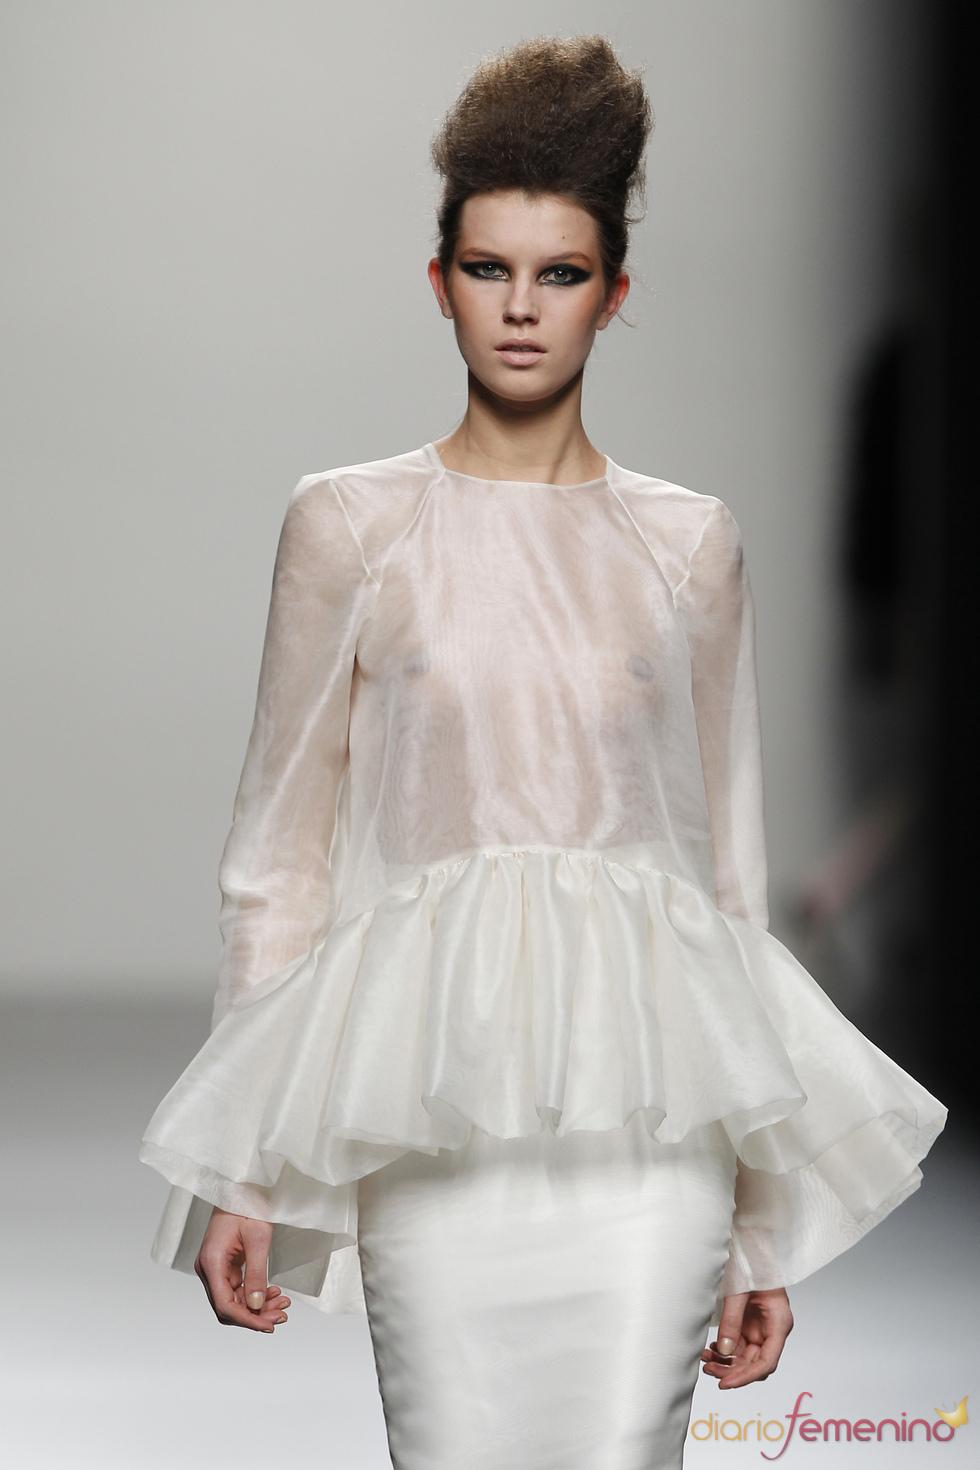 vestido blanco de seda con vuelo propuesta de juana mart n. Black Bedroom Furniture Sets. Home Design Ideas